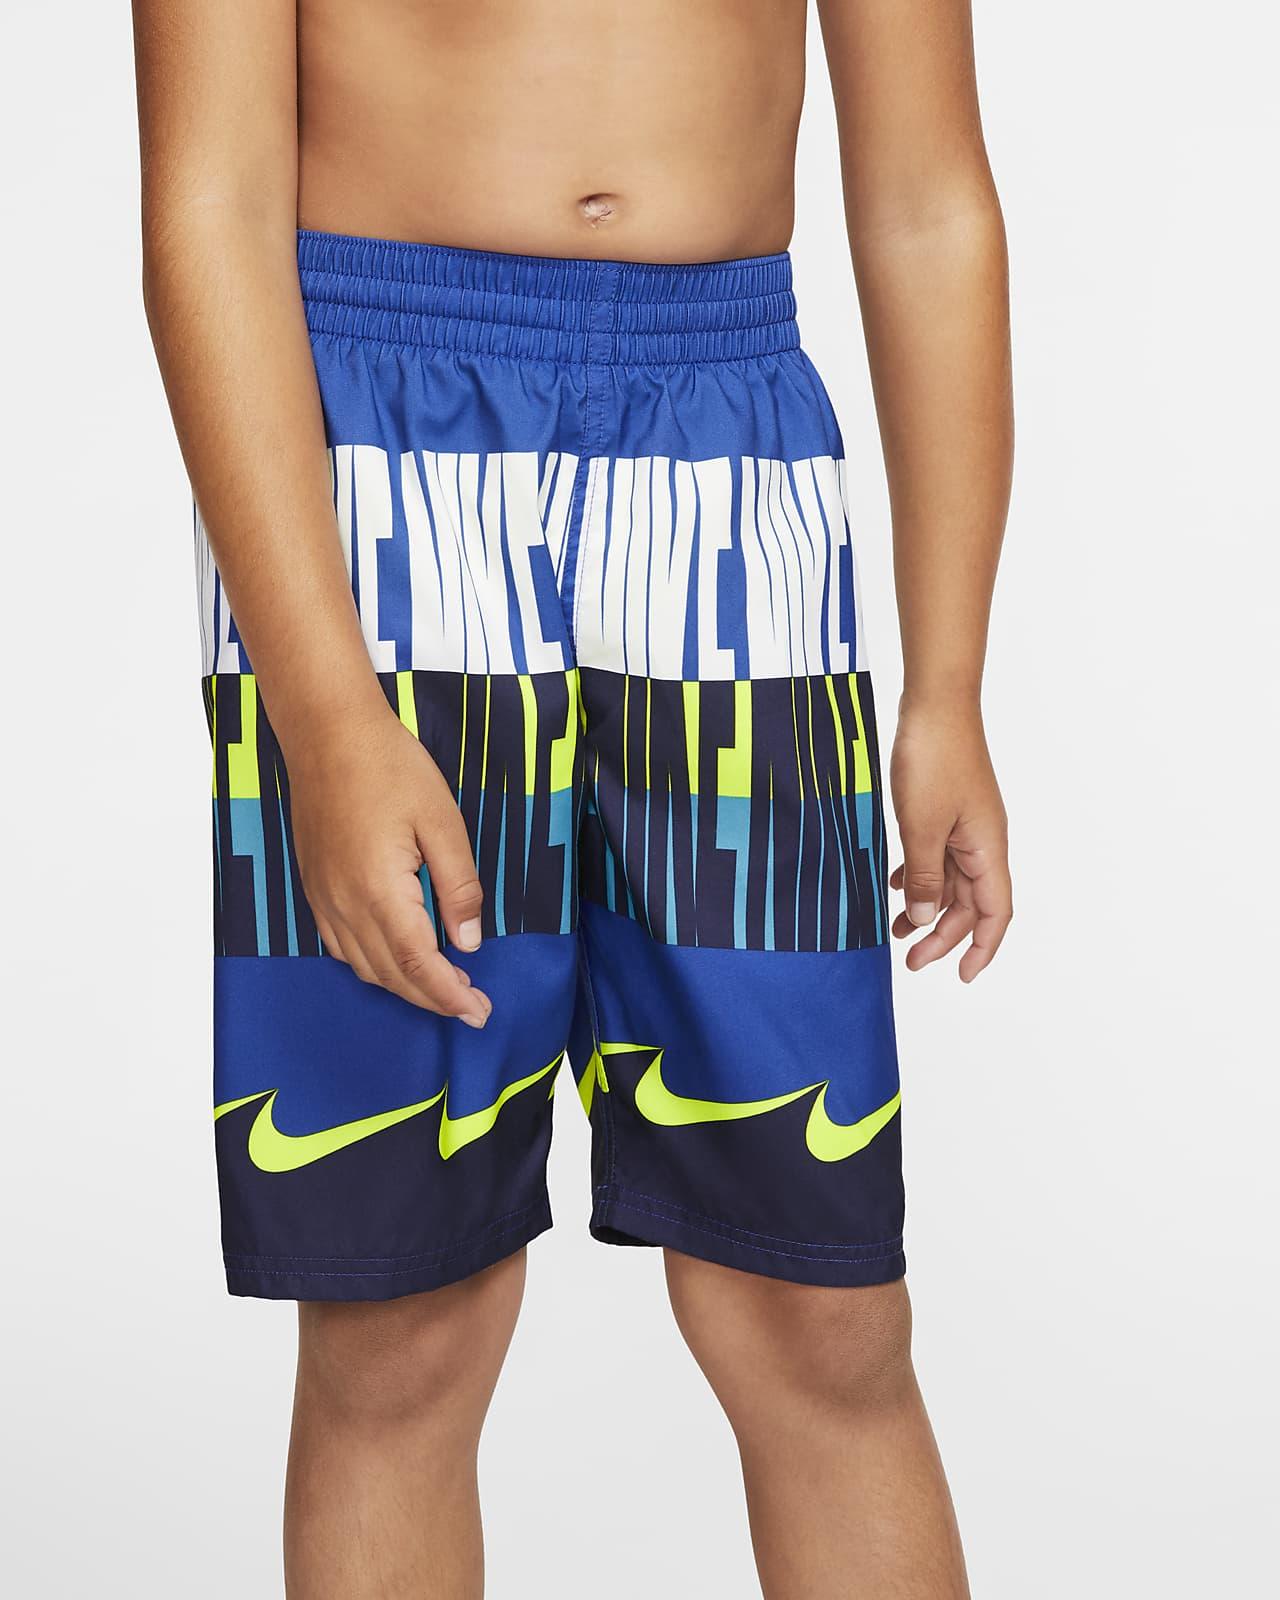 Calções de voleibol de 20 cm Nike Clash Breaker Júnior (Rapaz)